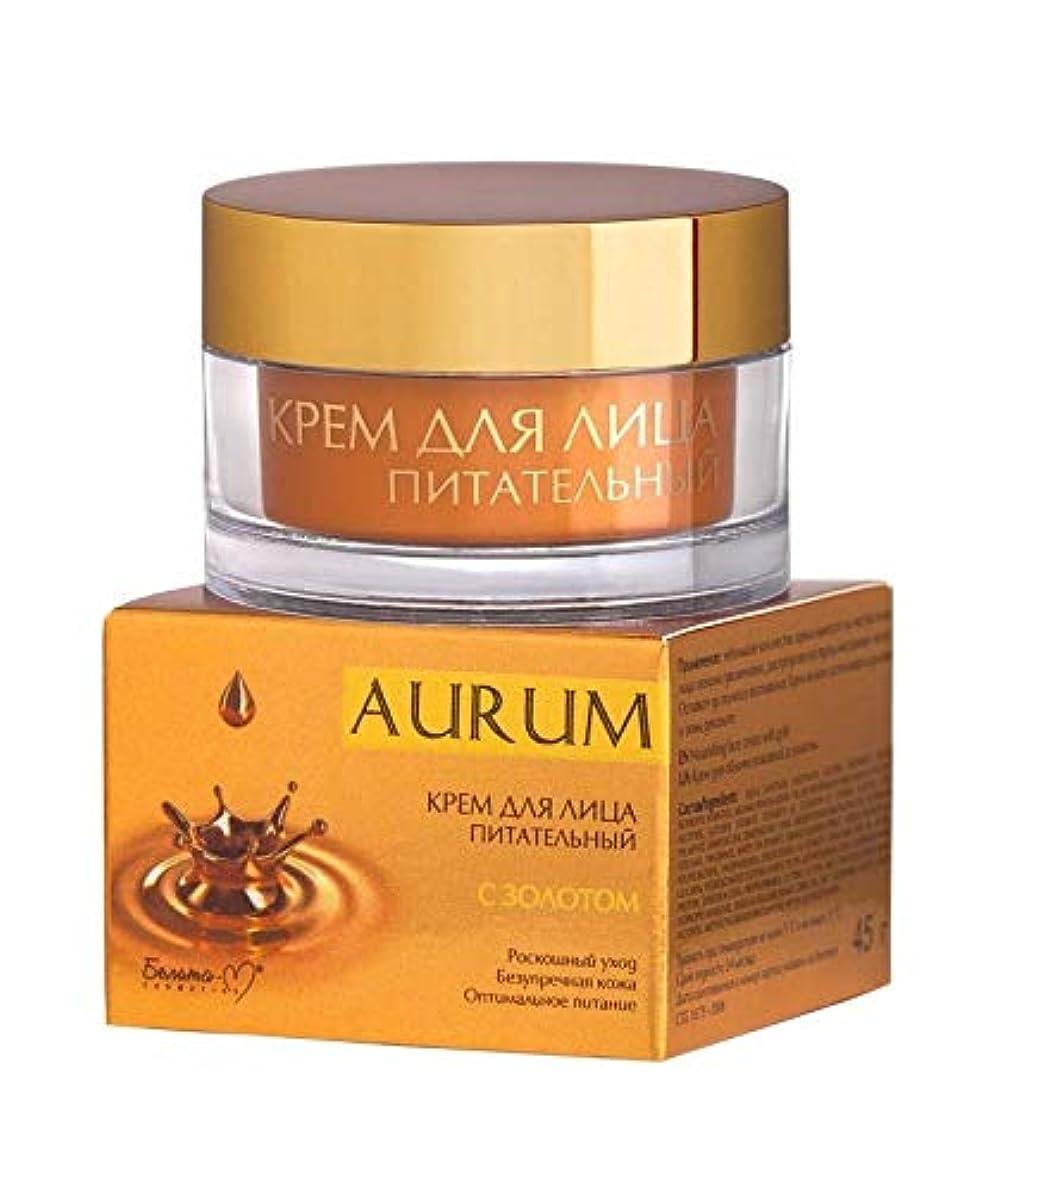 抑止する魅惑的なパットBielita & Vitex | NUTRITIONAL FACE CREAM WITH GOLD | AURUM | Luxury care | Flawless skin | Optimal nutrition |...